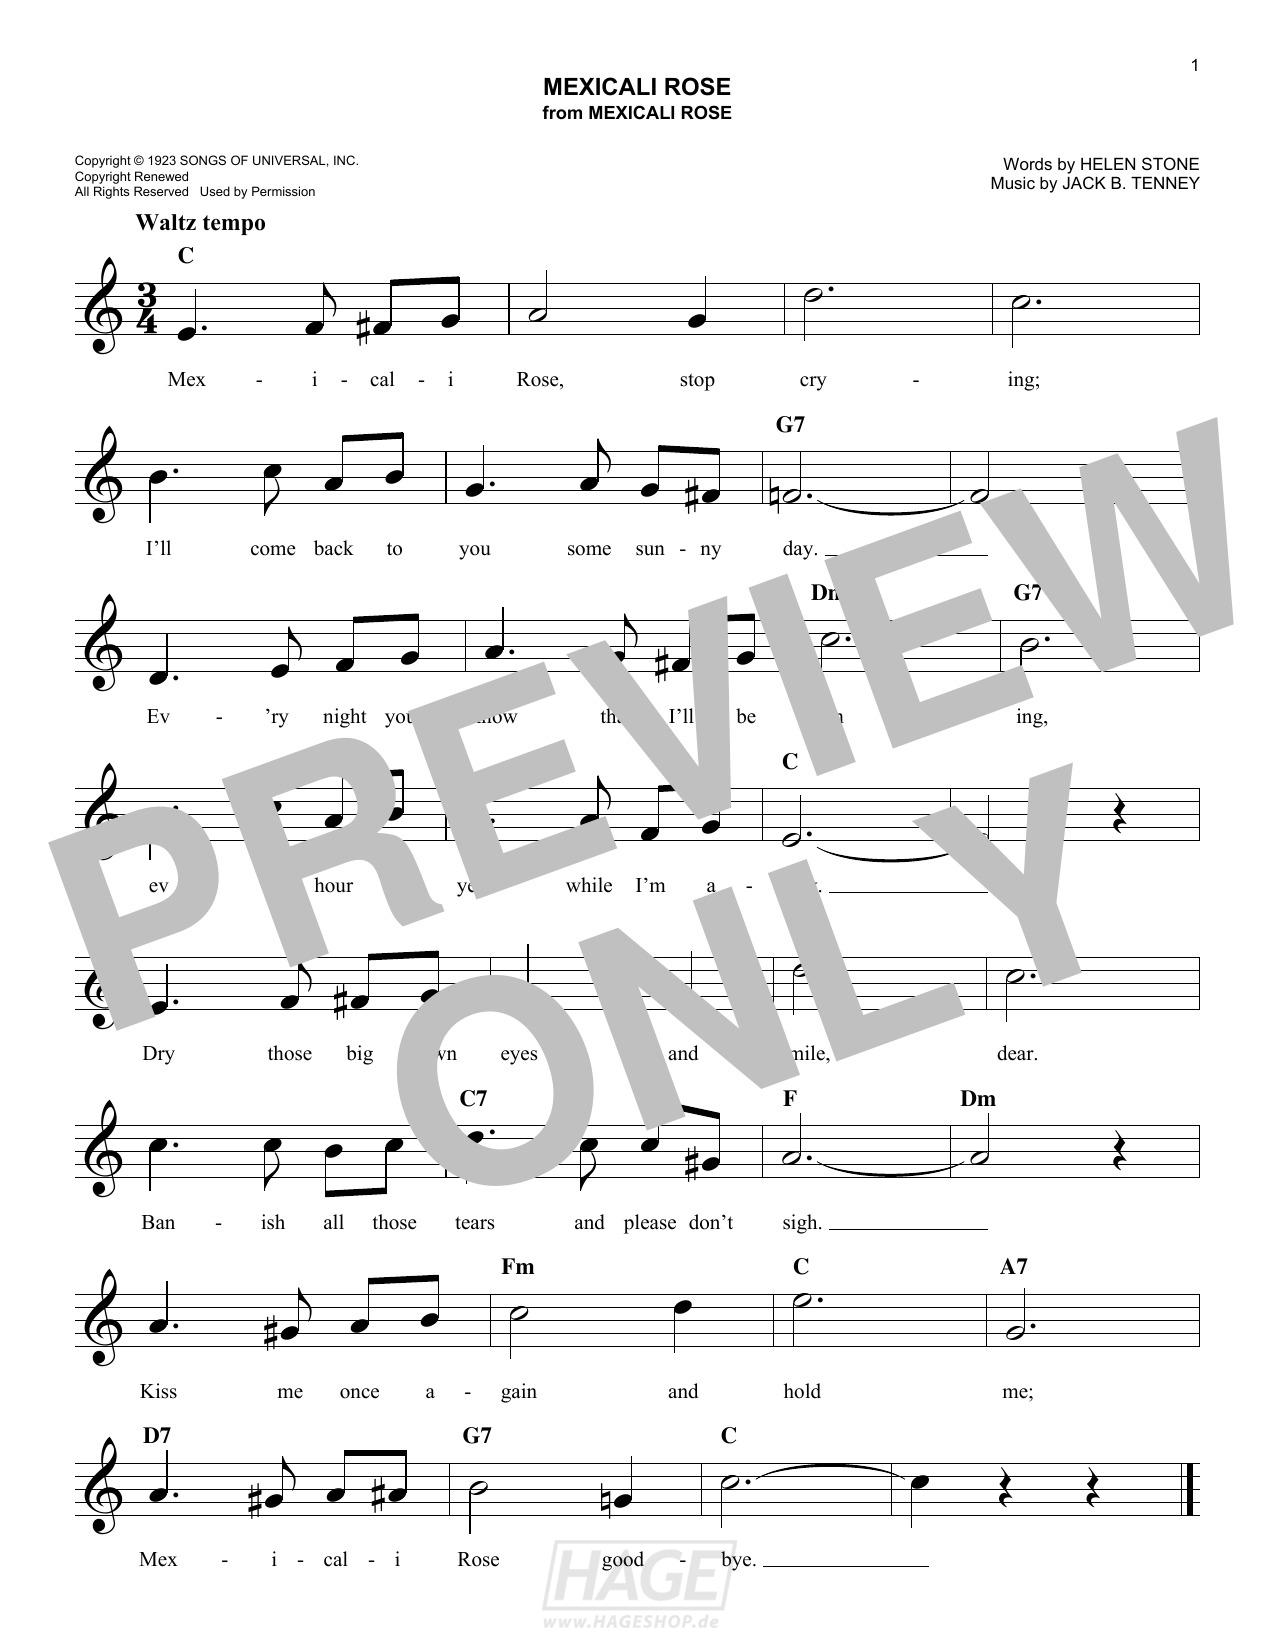 Mexicali Rose - Bing Crosby - Noten Druckvorschau